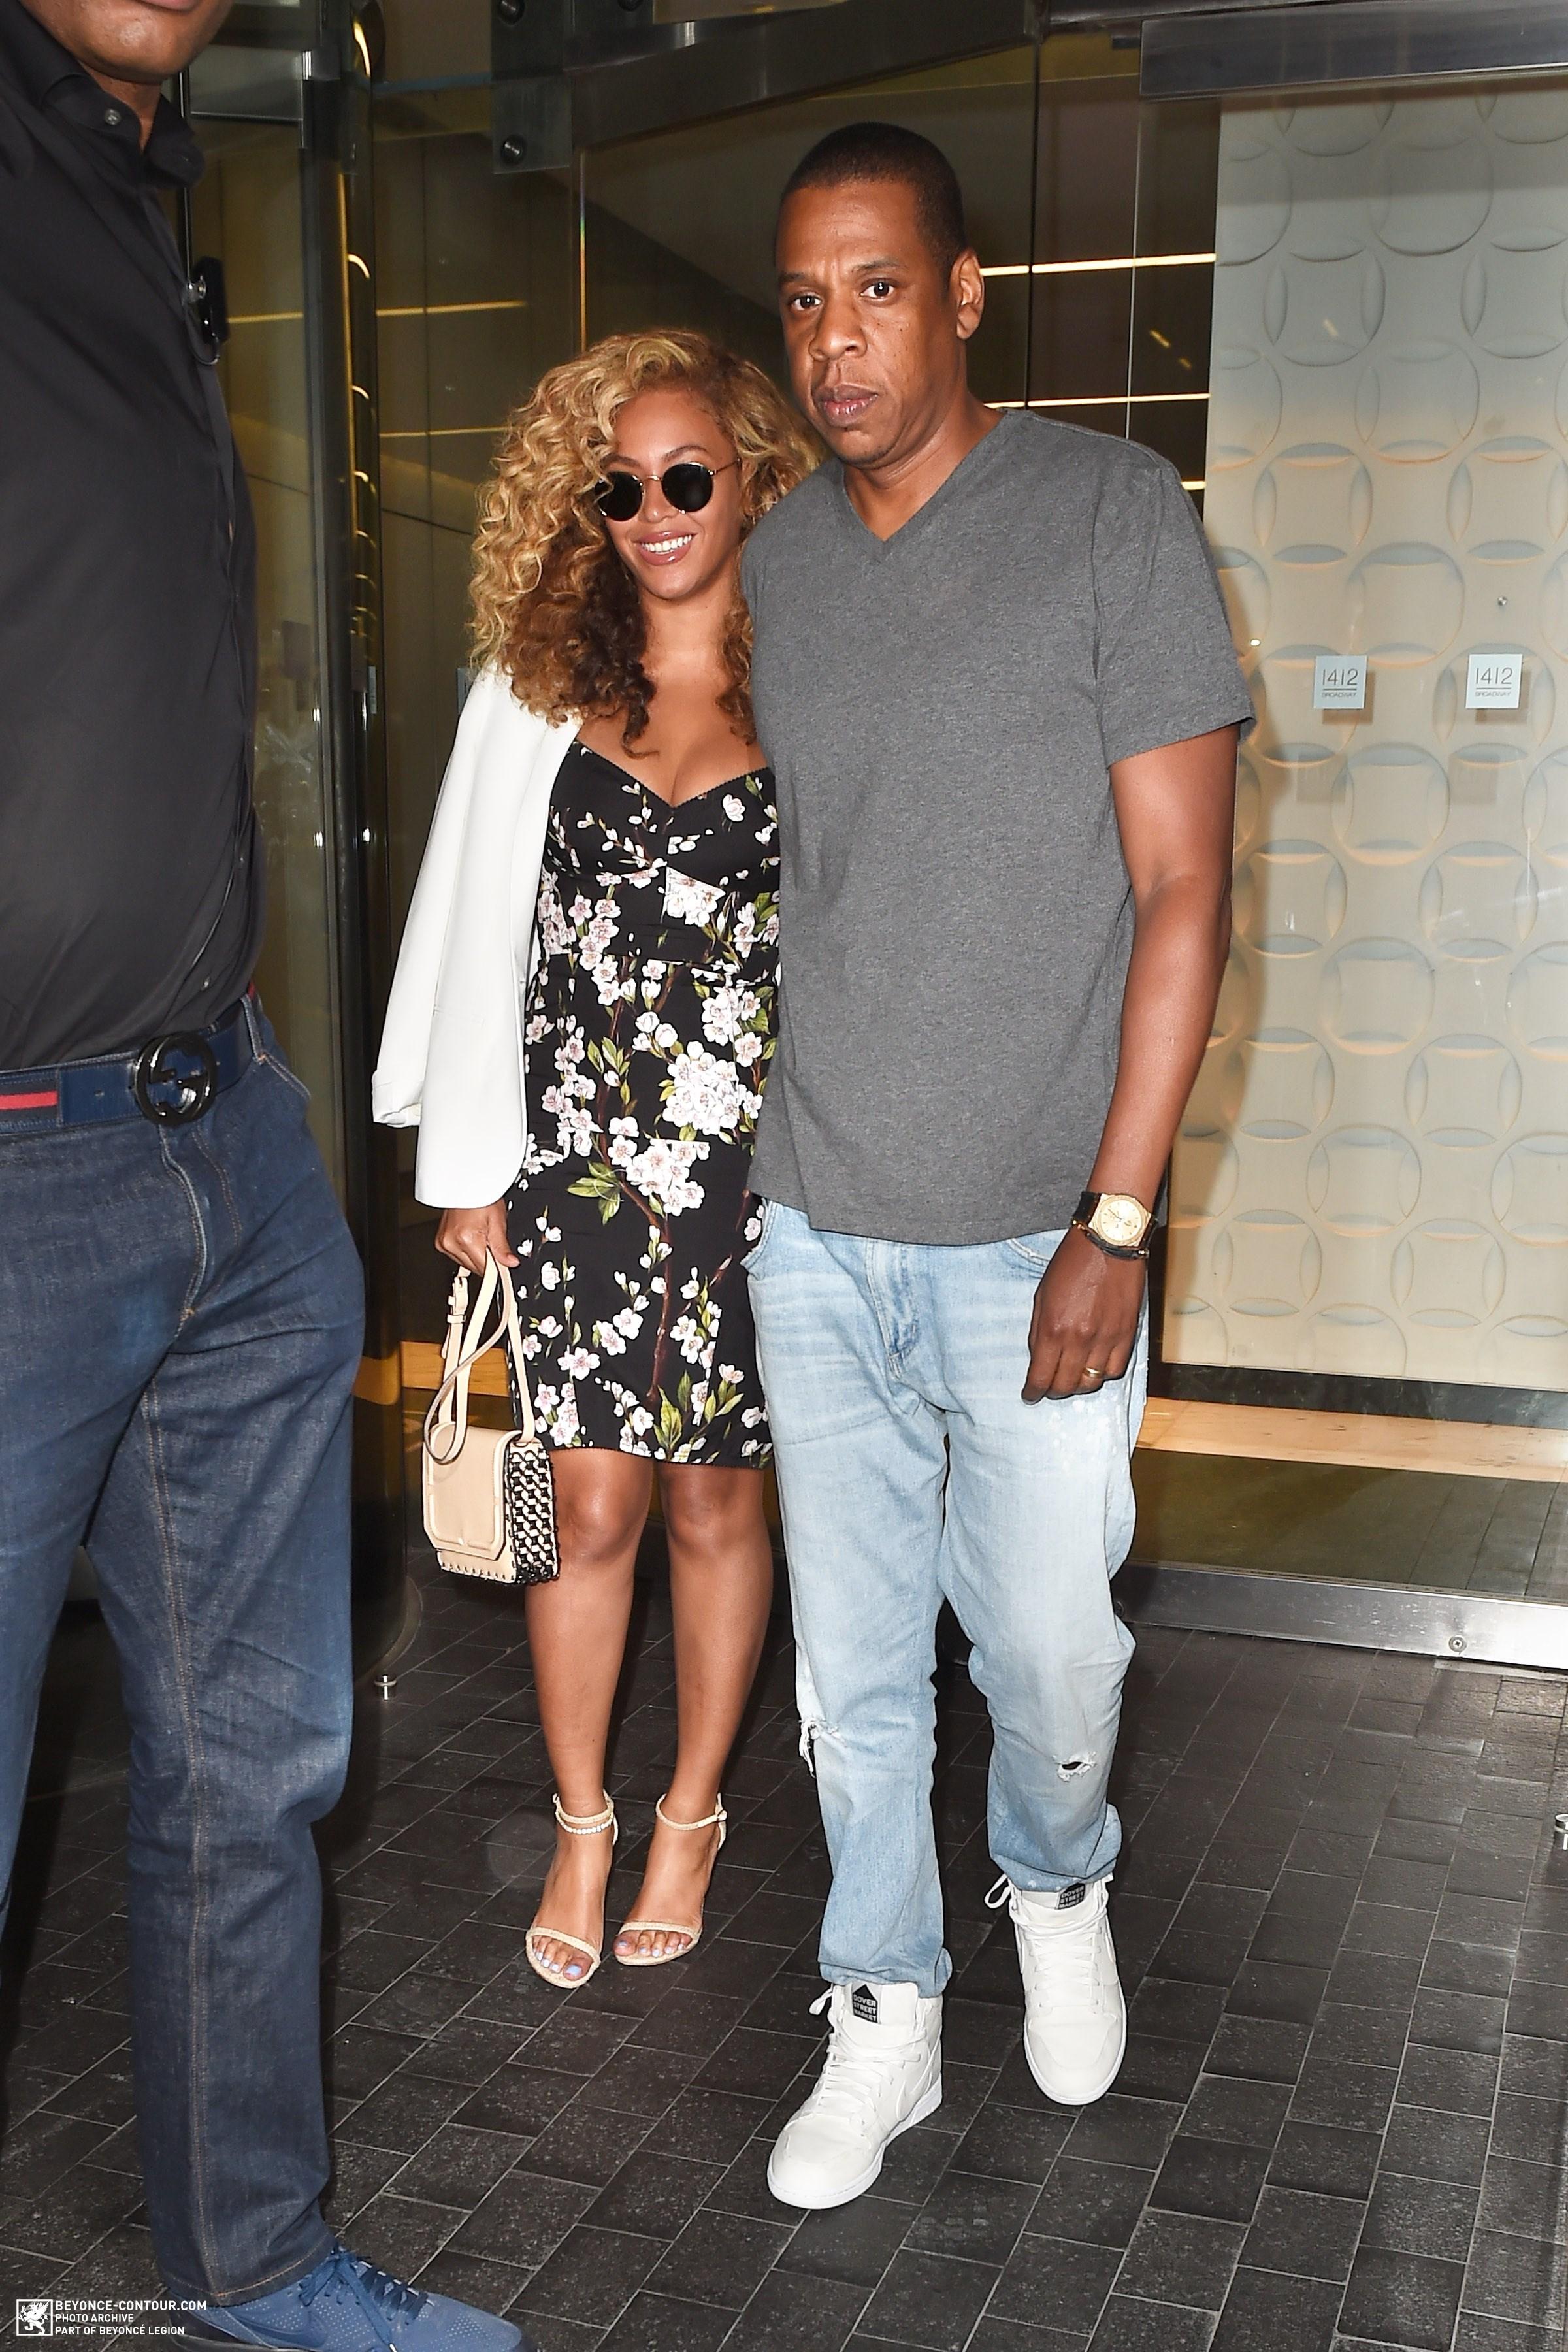 Beyoncé > Apariciones en público <Candids> [III] - Página 48 001